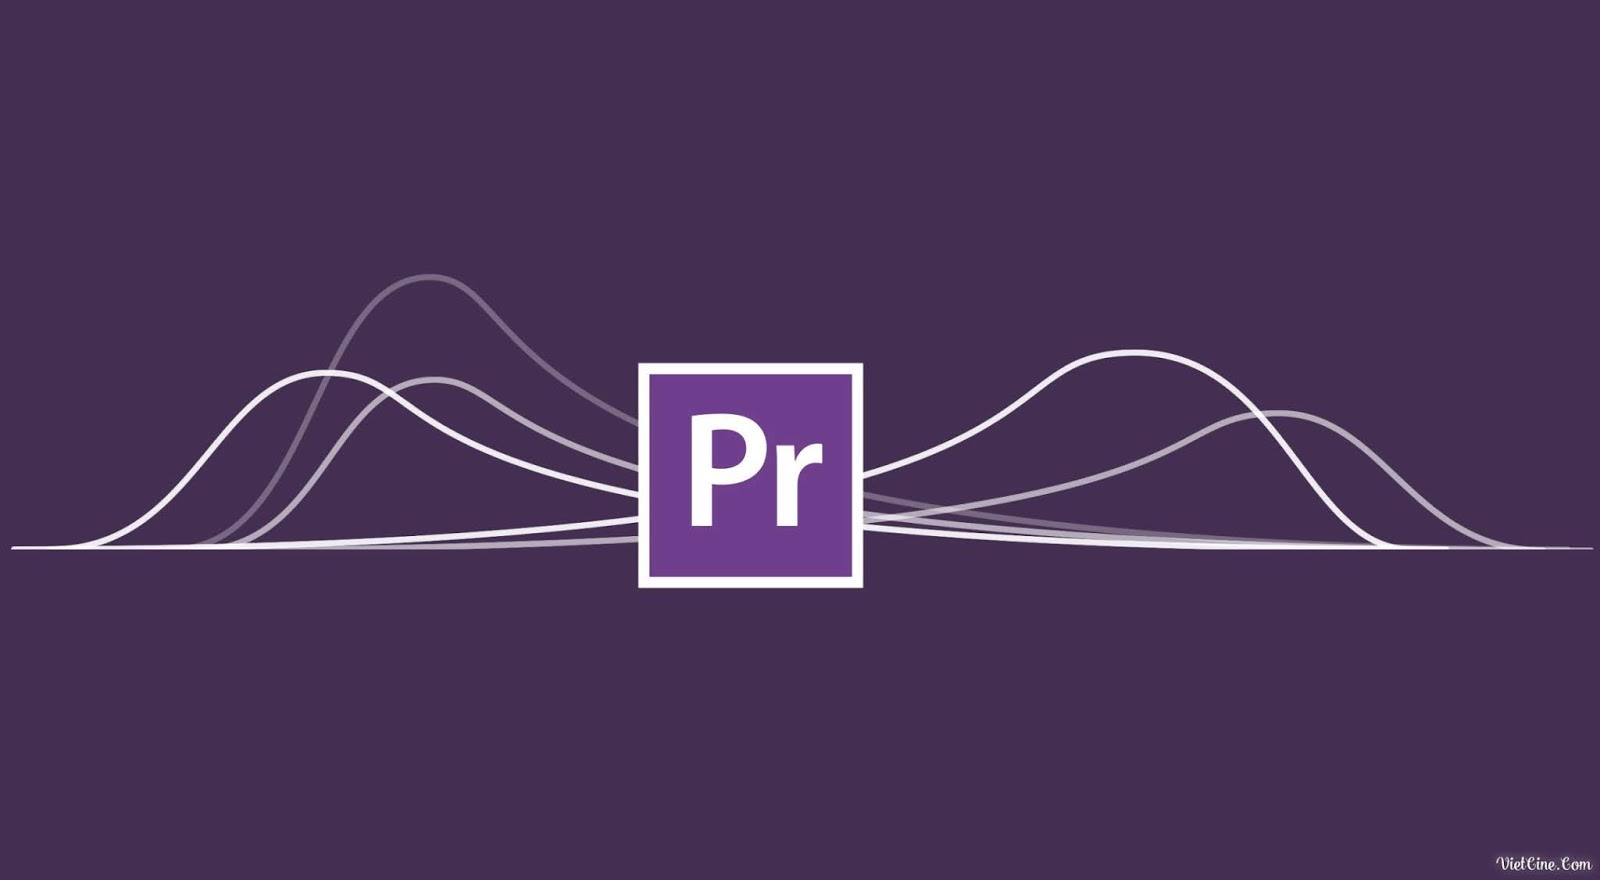 Bổ sung tiêu đề và graphic cho video trên Premiere Pro